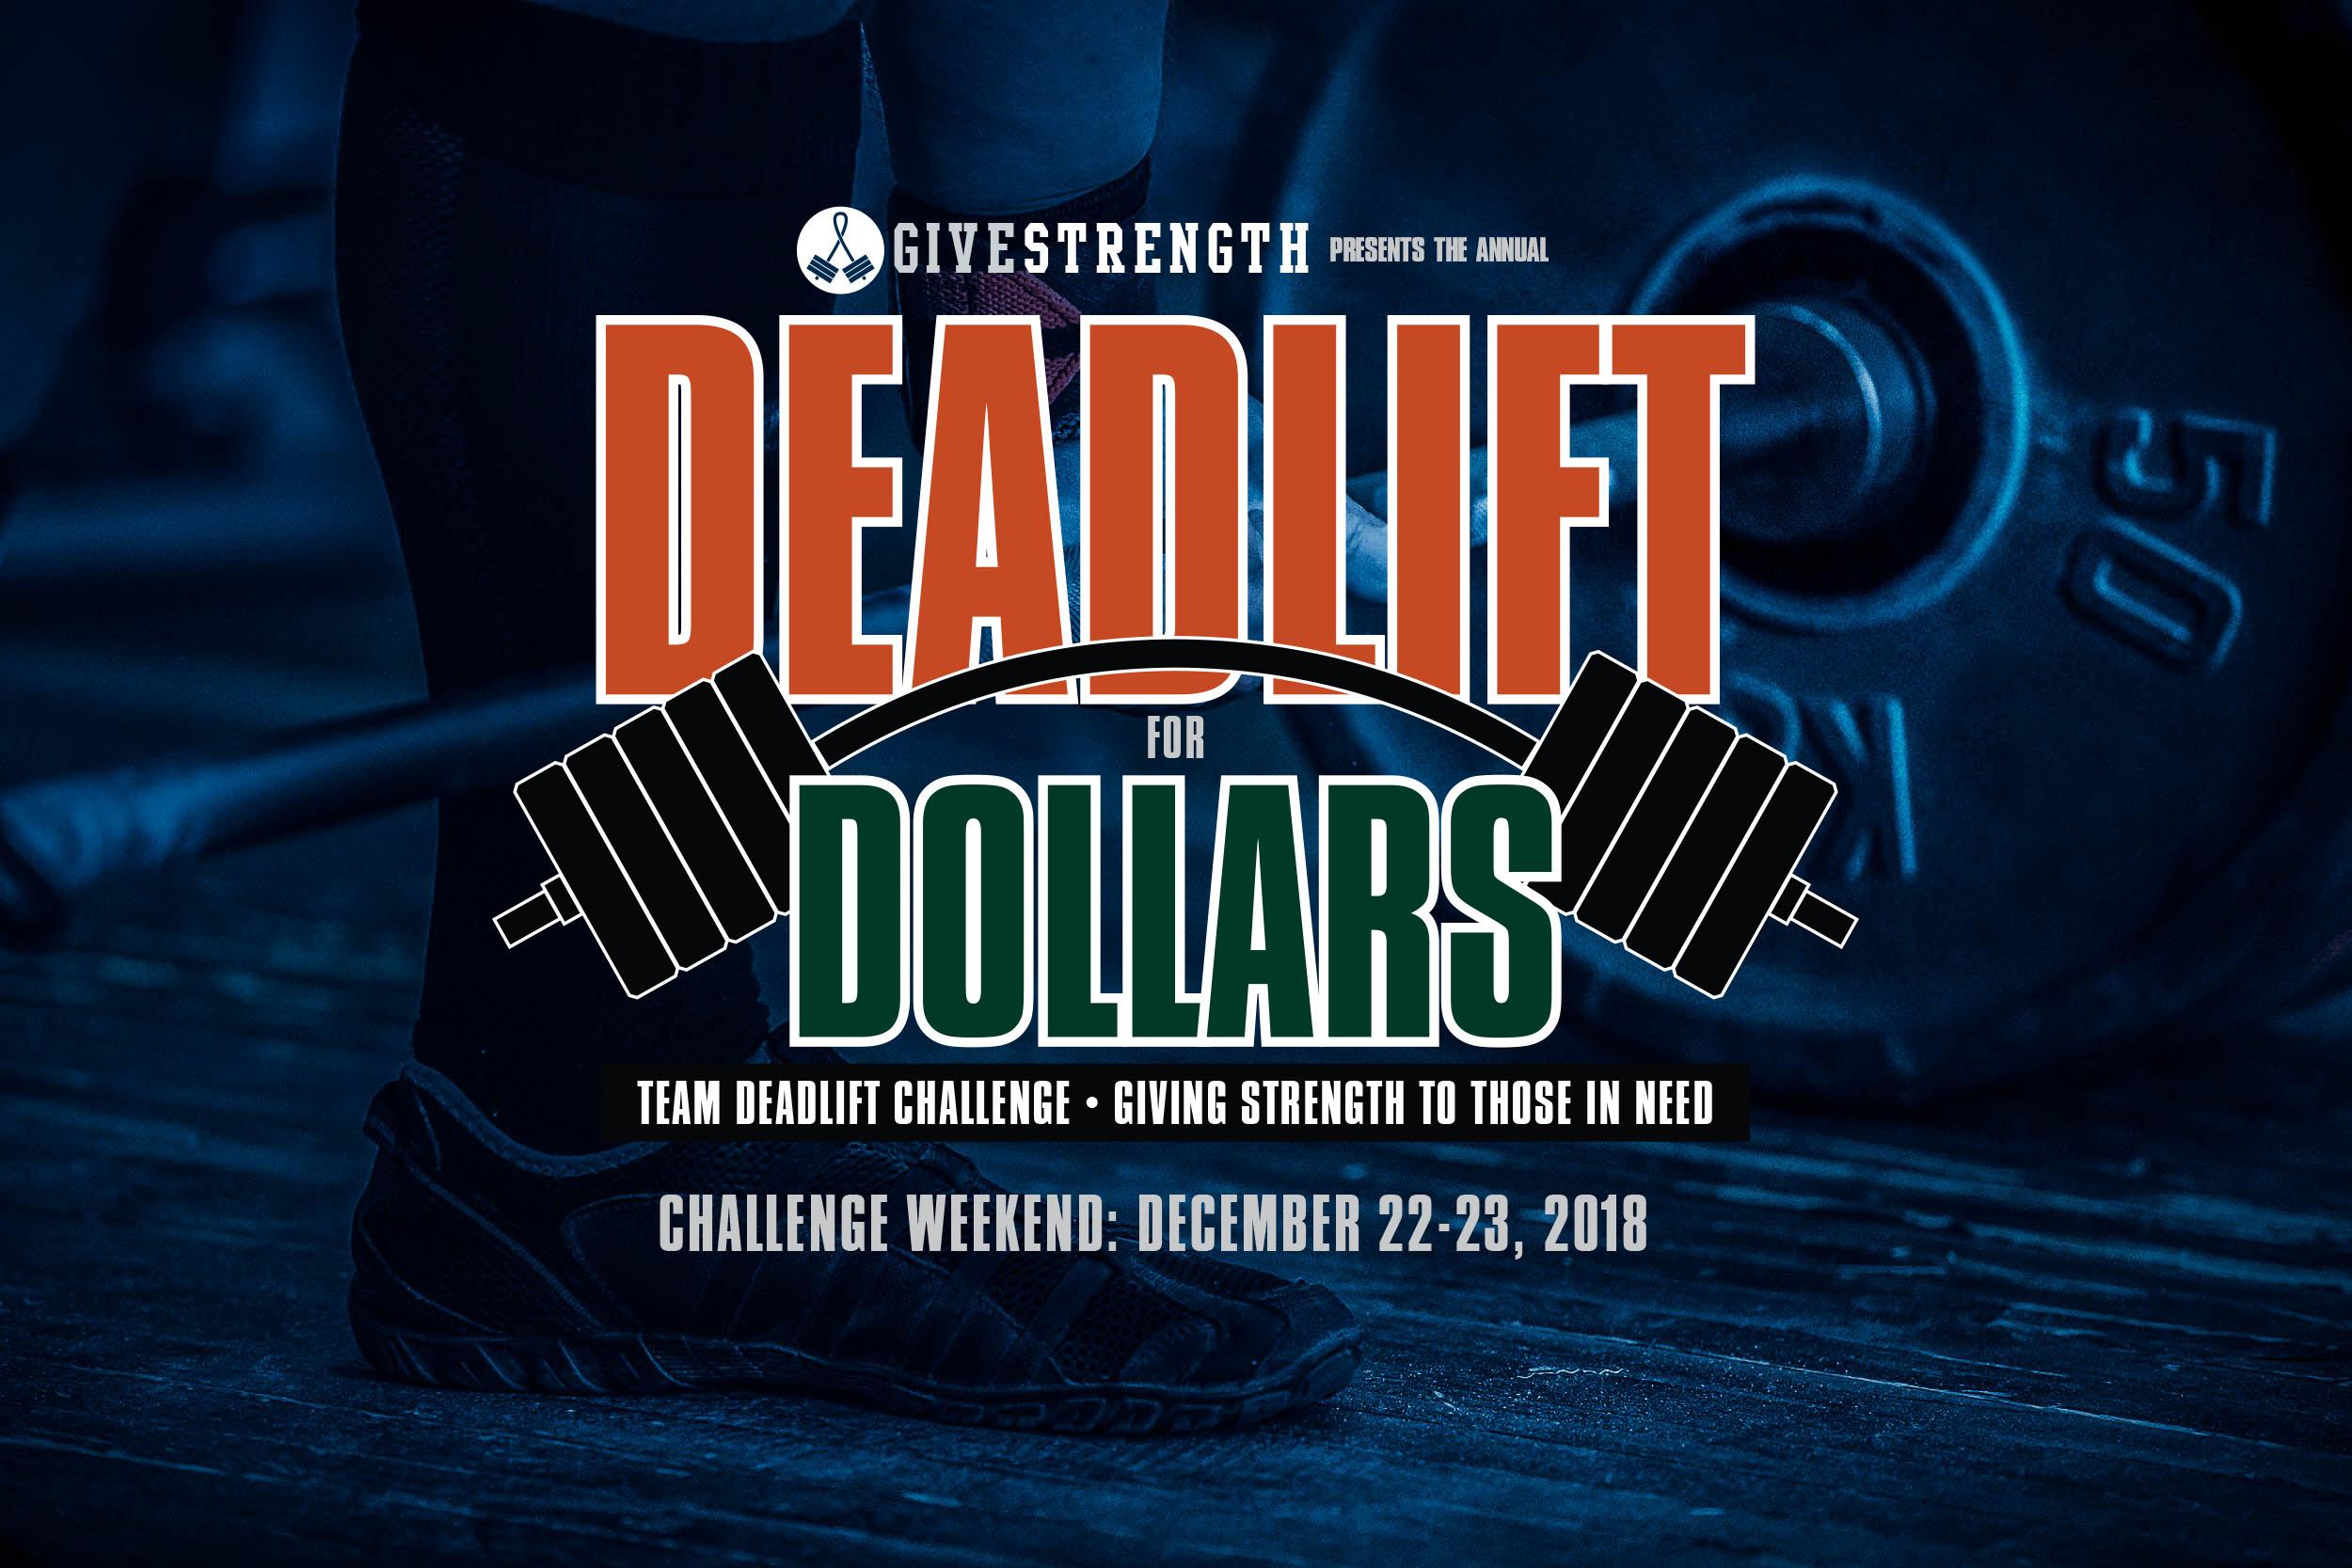 Deadlift For Dollars 18 Facebook thumbnail.jpg